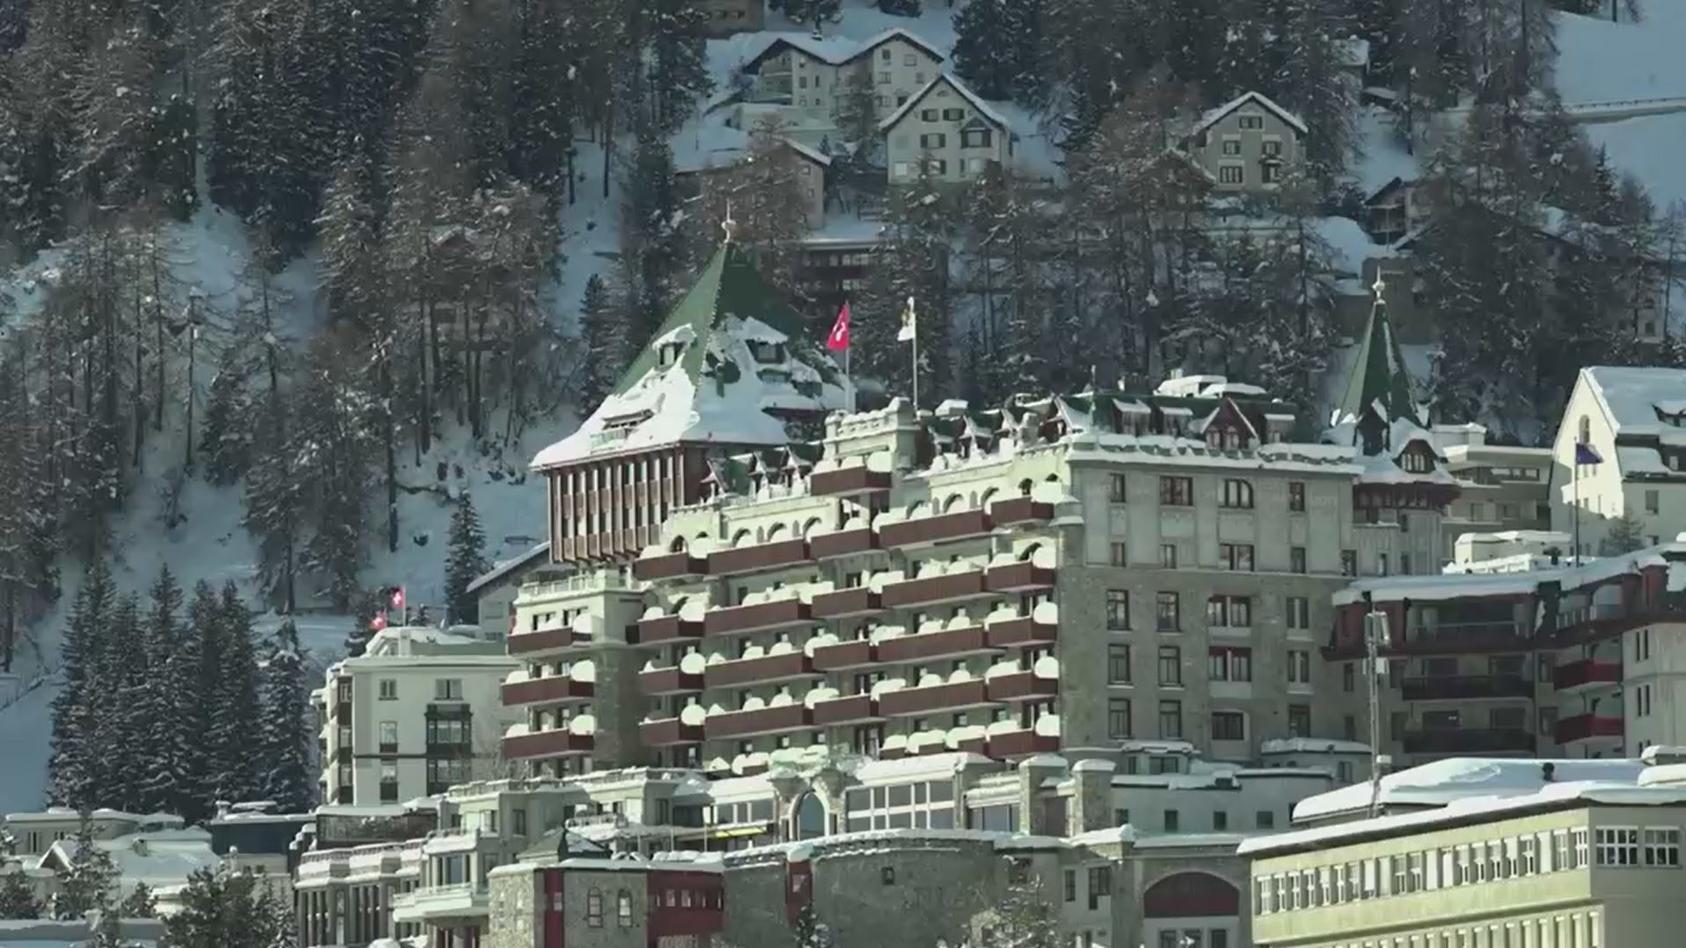 """Rund 95 Gäste und 300 Angestellte dürfen die Hotels """"Badrutt's Palace"""" und """"Grand Hotel des Bains Kempinski"""" vorerst nicht verlassen."""